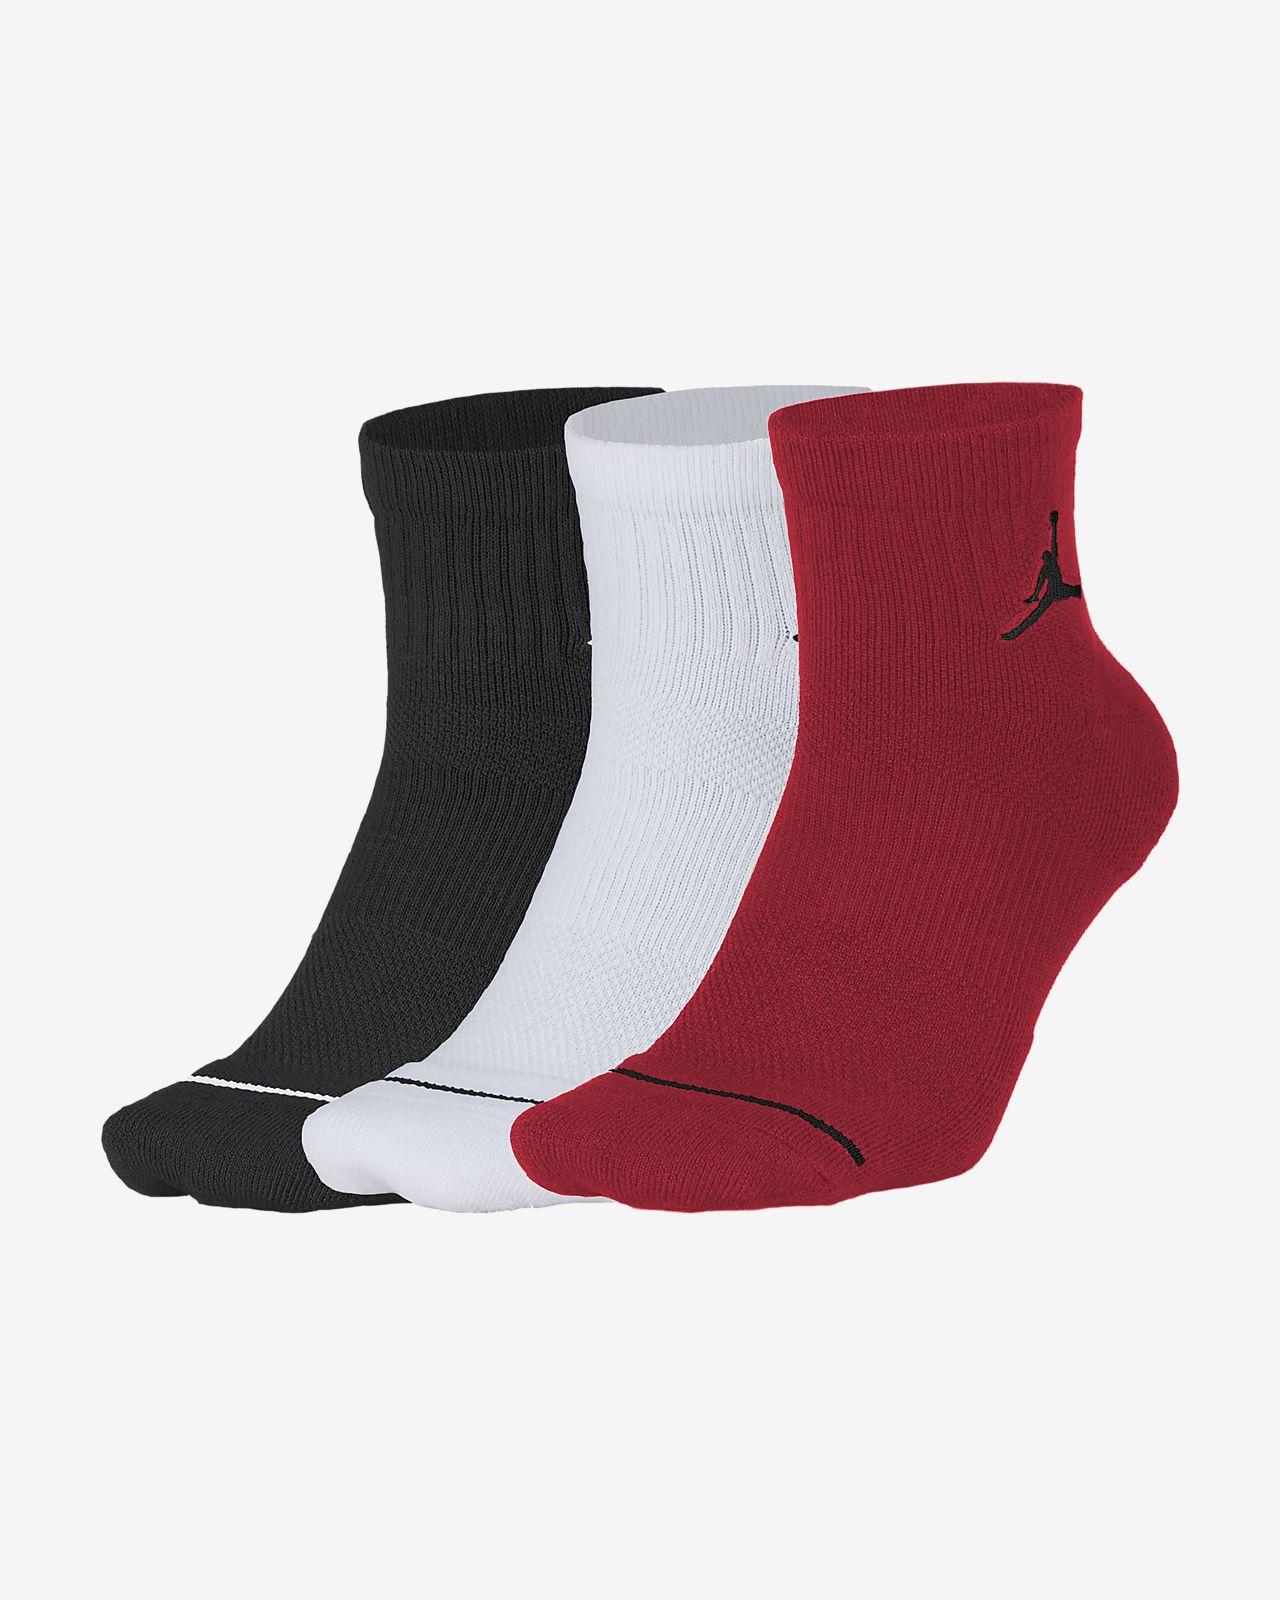 Chaussettes Jordan Jumpman Quarter (3 paires)